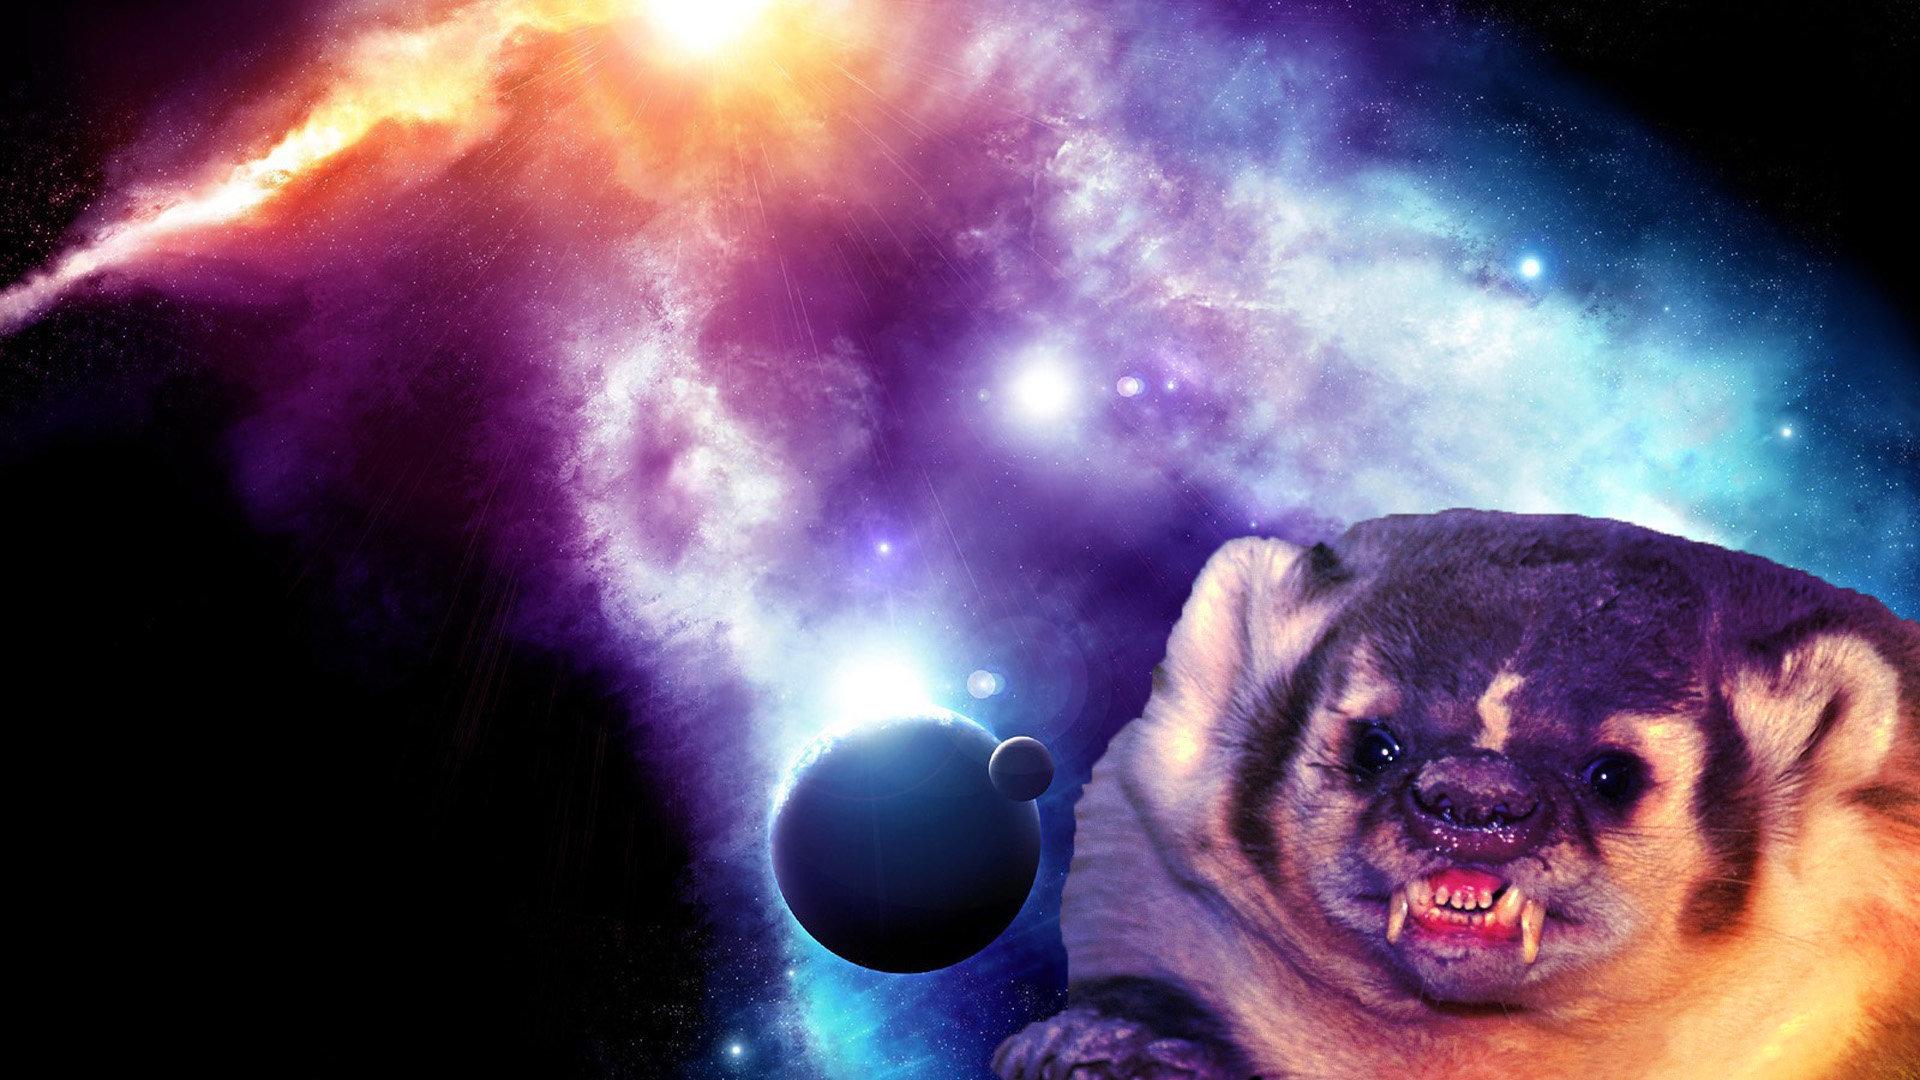 состав картинки животные в космосе фоне